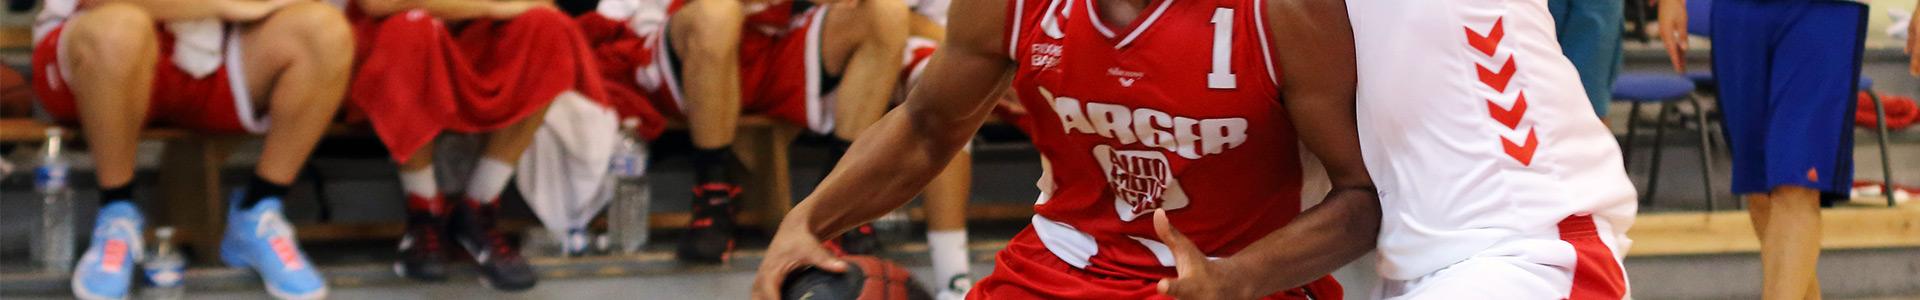 Joueur Basket pendant match au club cssl Rixheim